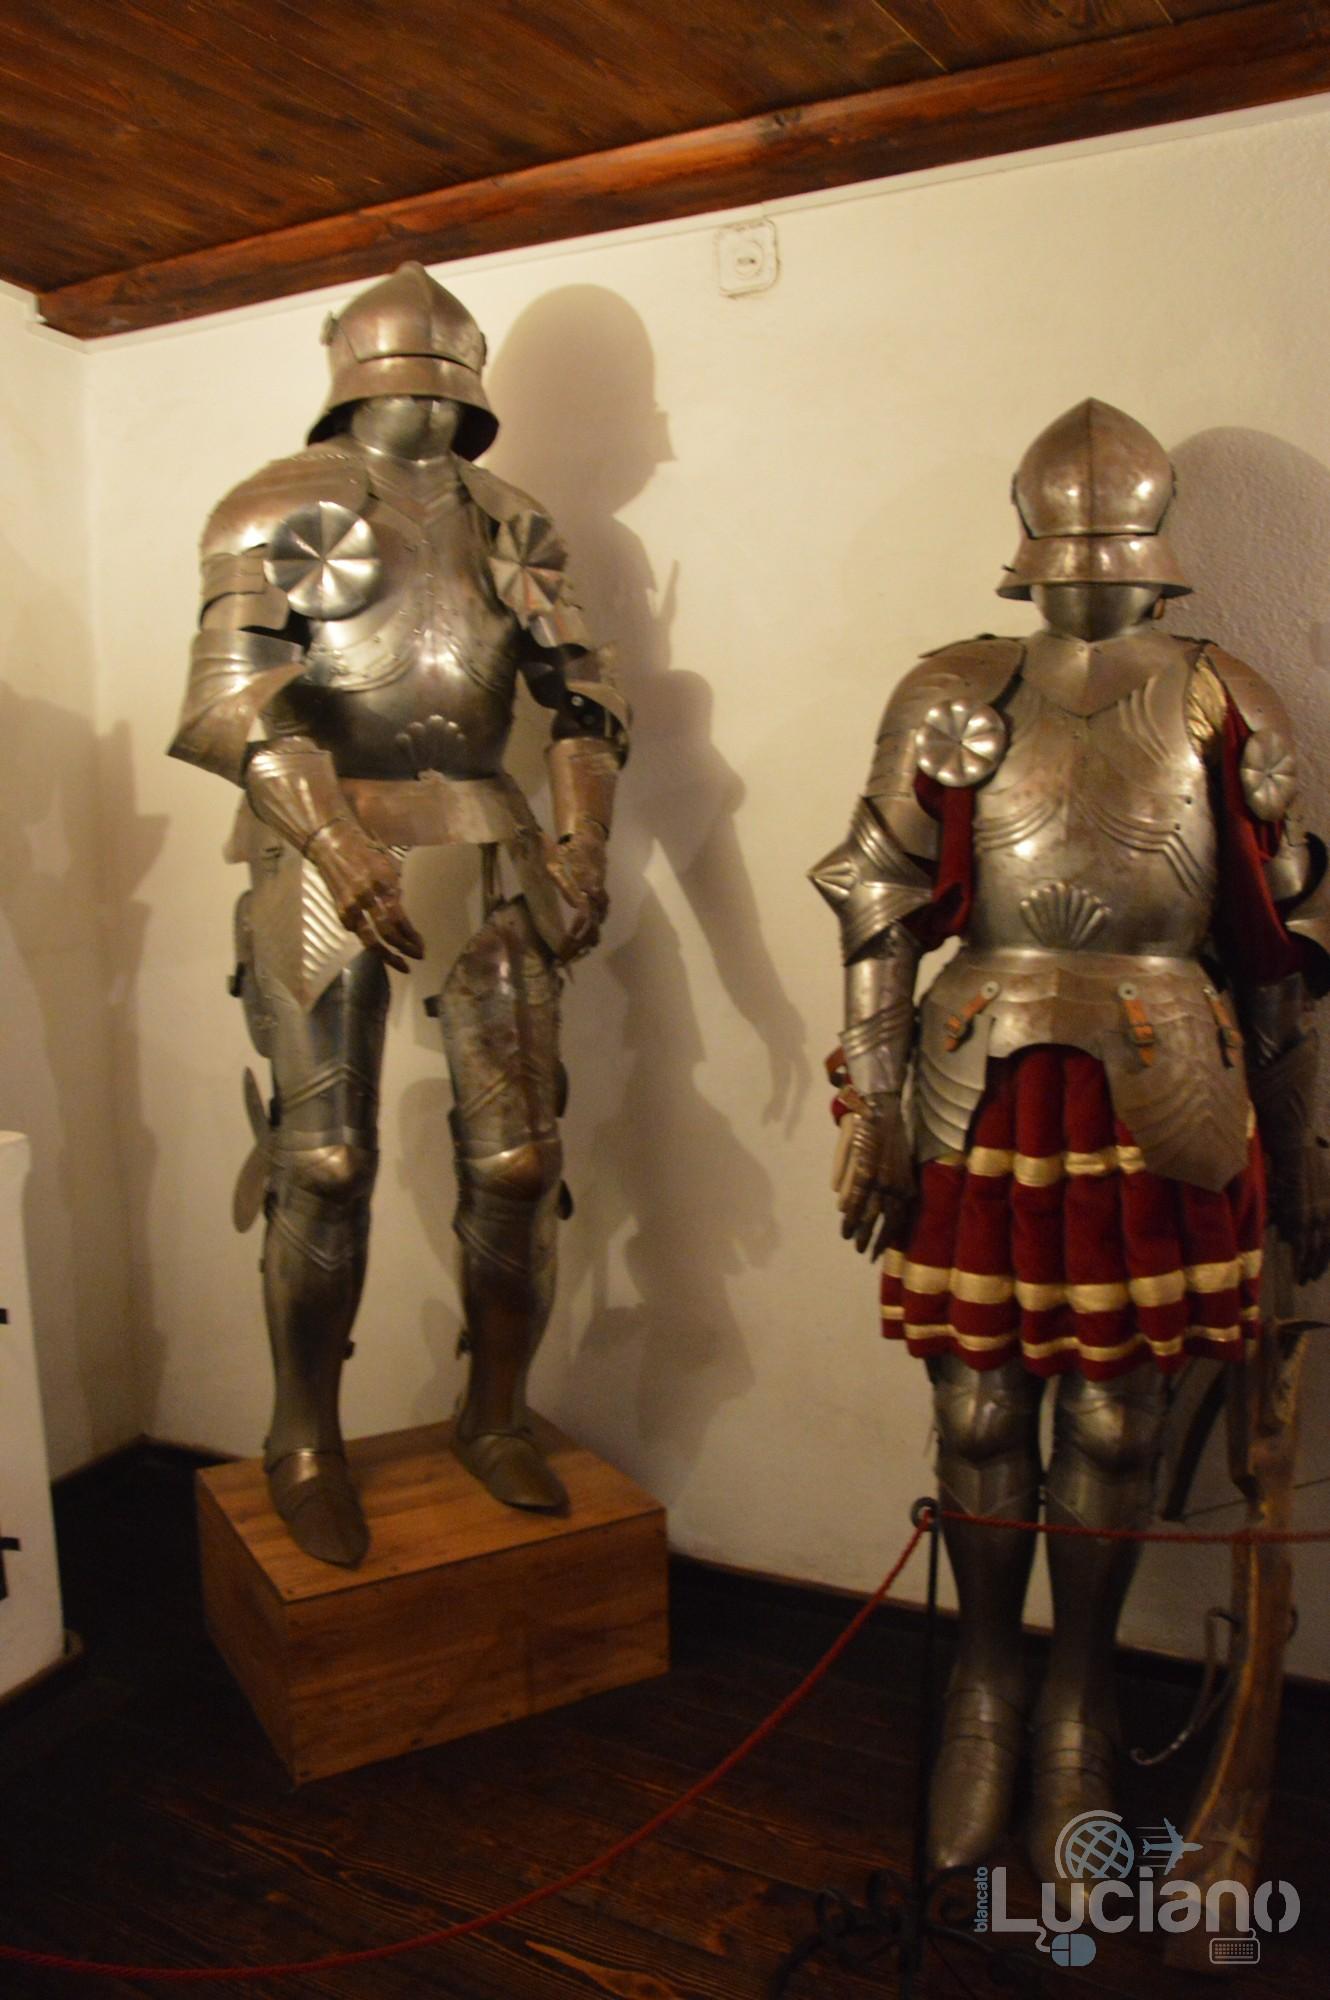 castello-di-dracula-castello-di-bran-luciano-blancato (97)